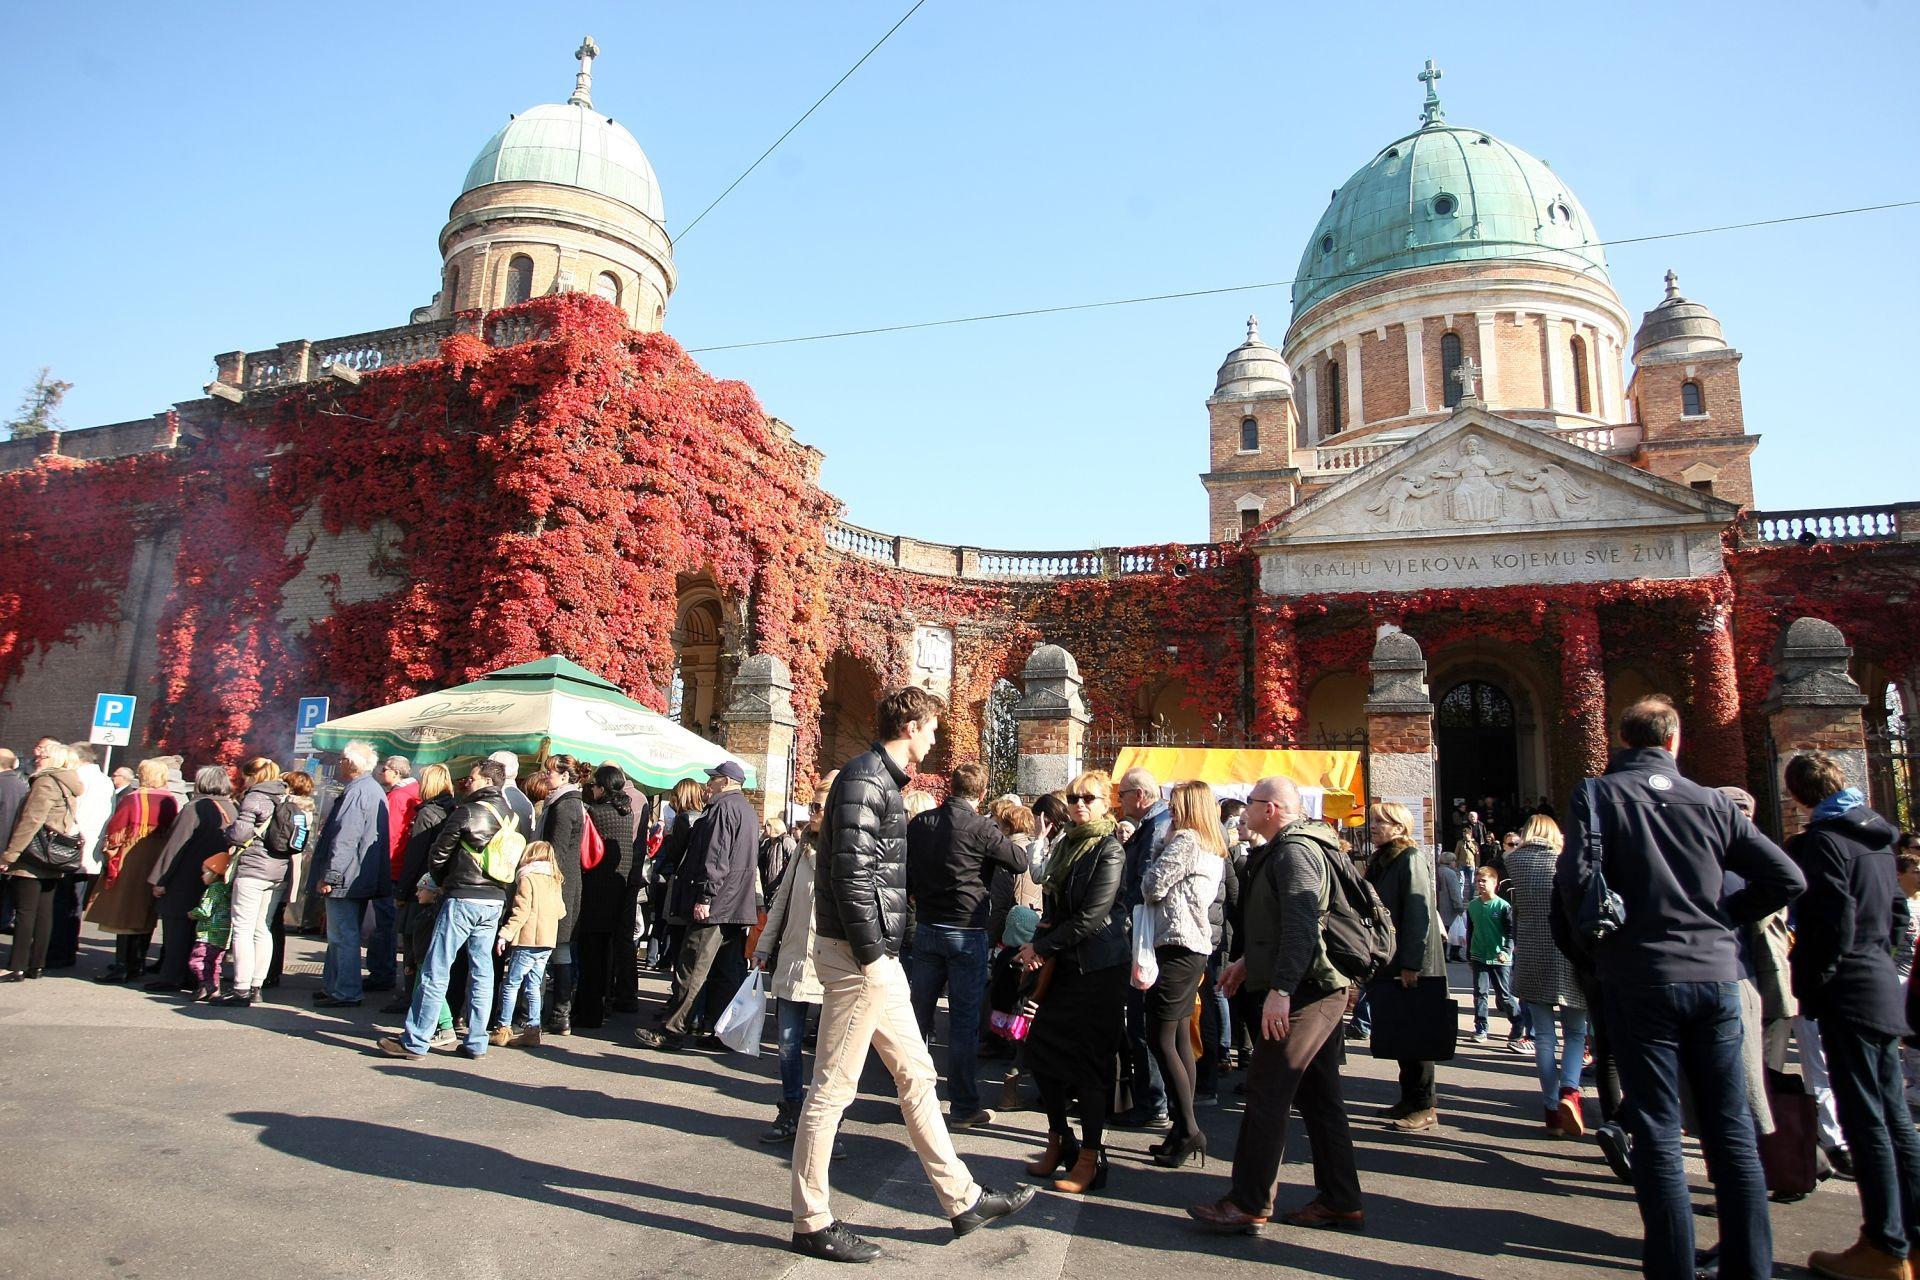 ZET: Organizacija gradskog prijevoza u Zagrebu za blagdan Svih svetih